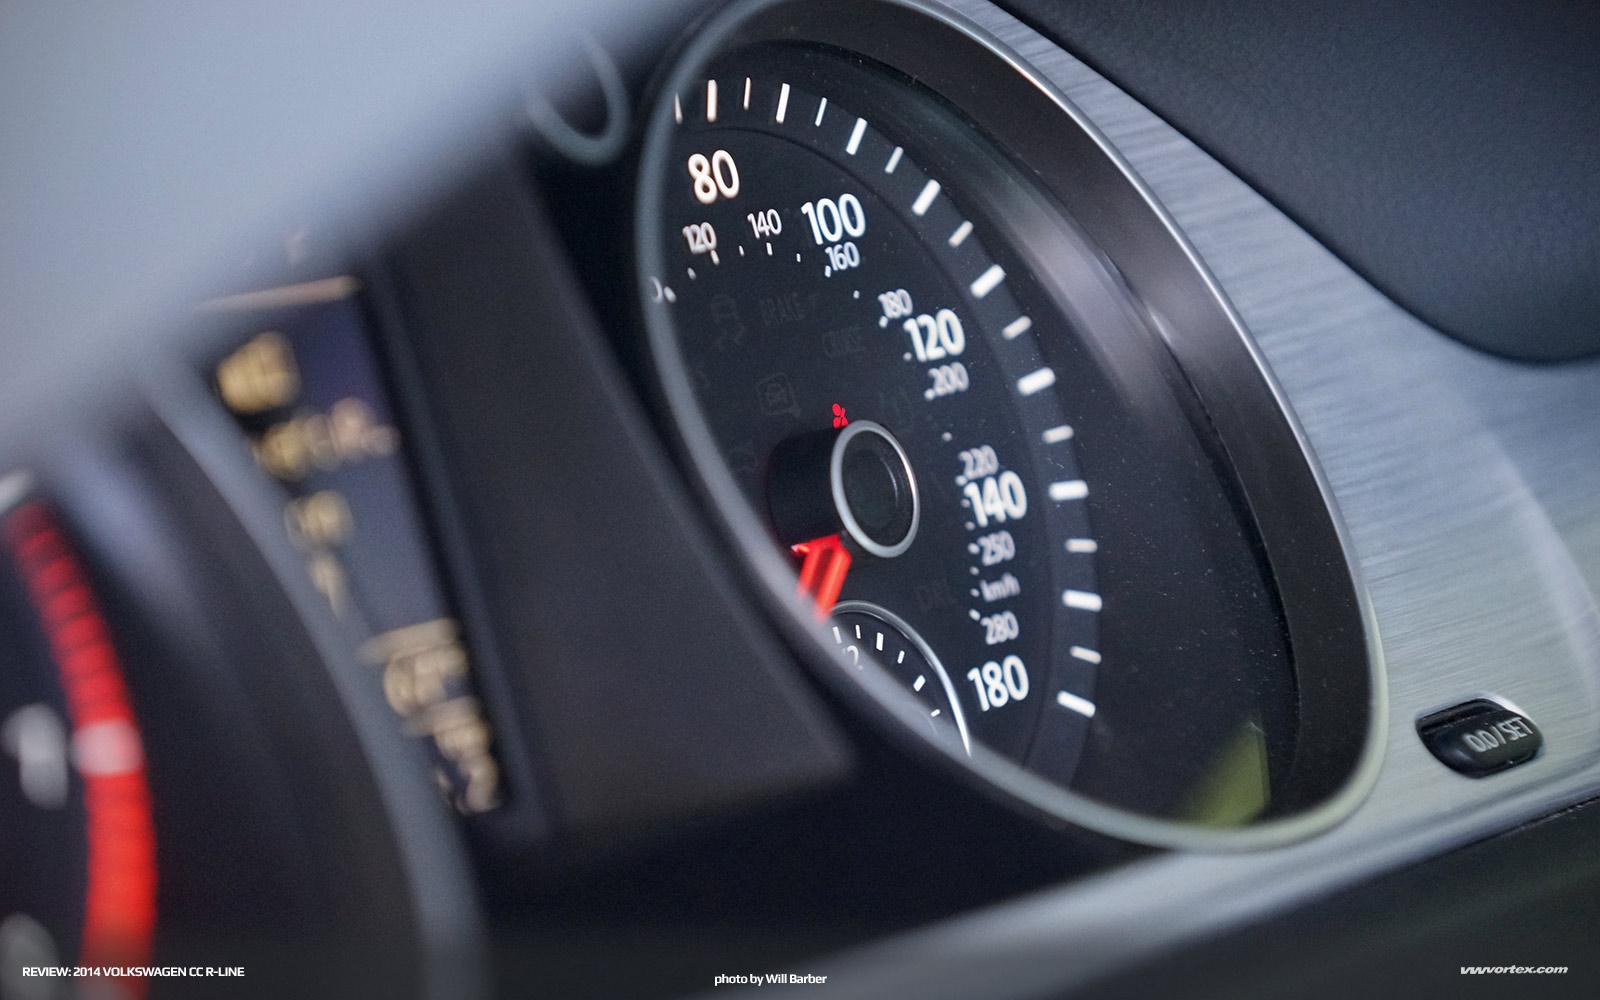 volkswagen-cc-rline-roadtest-379